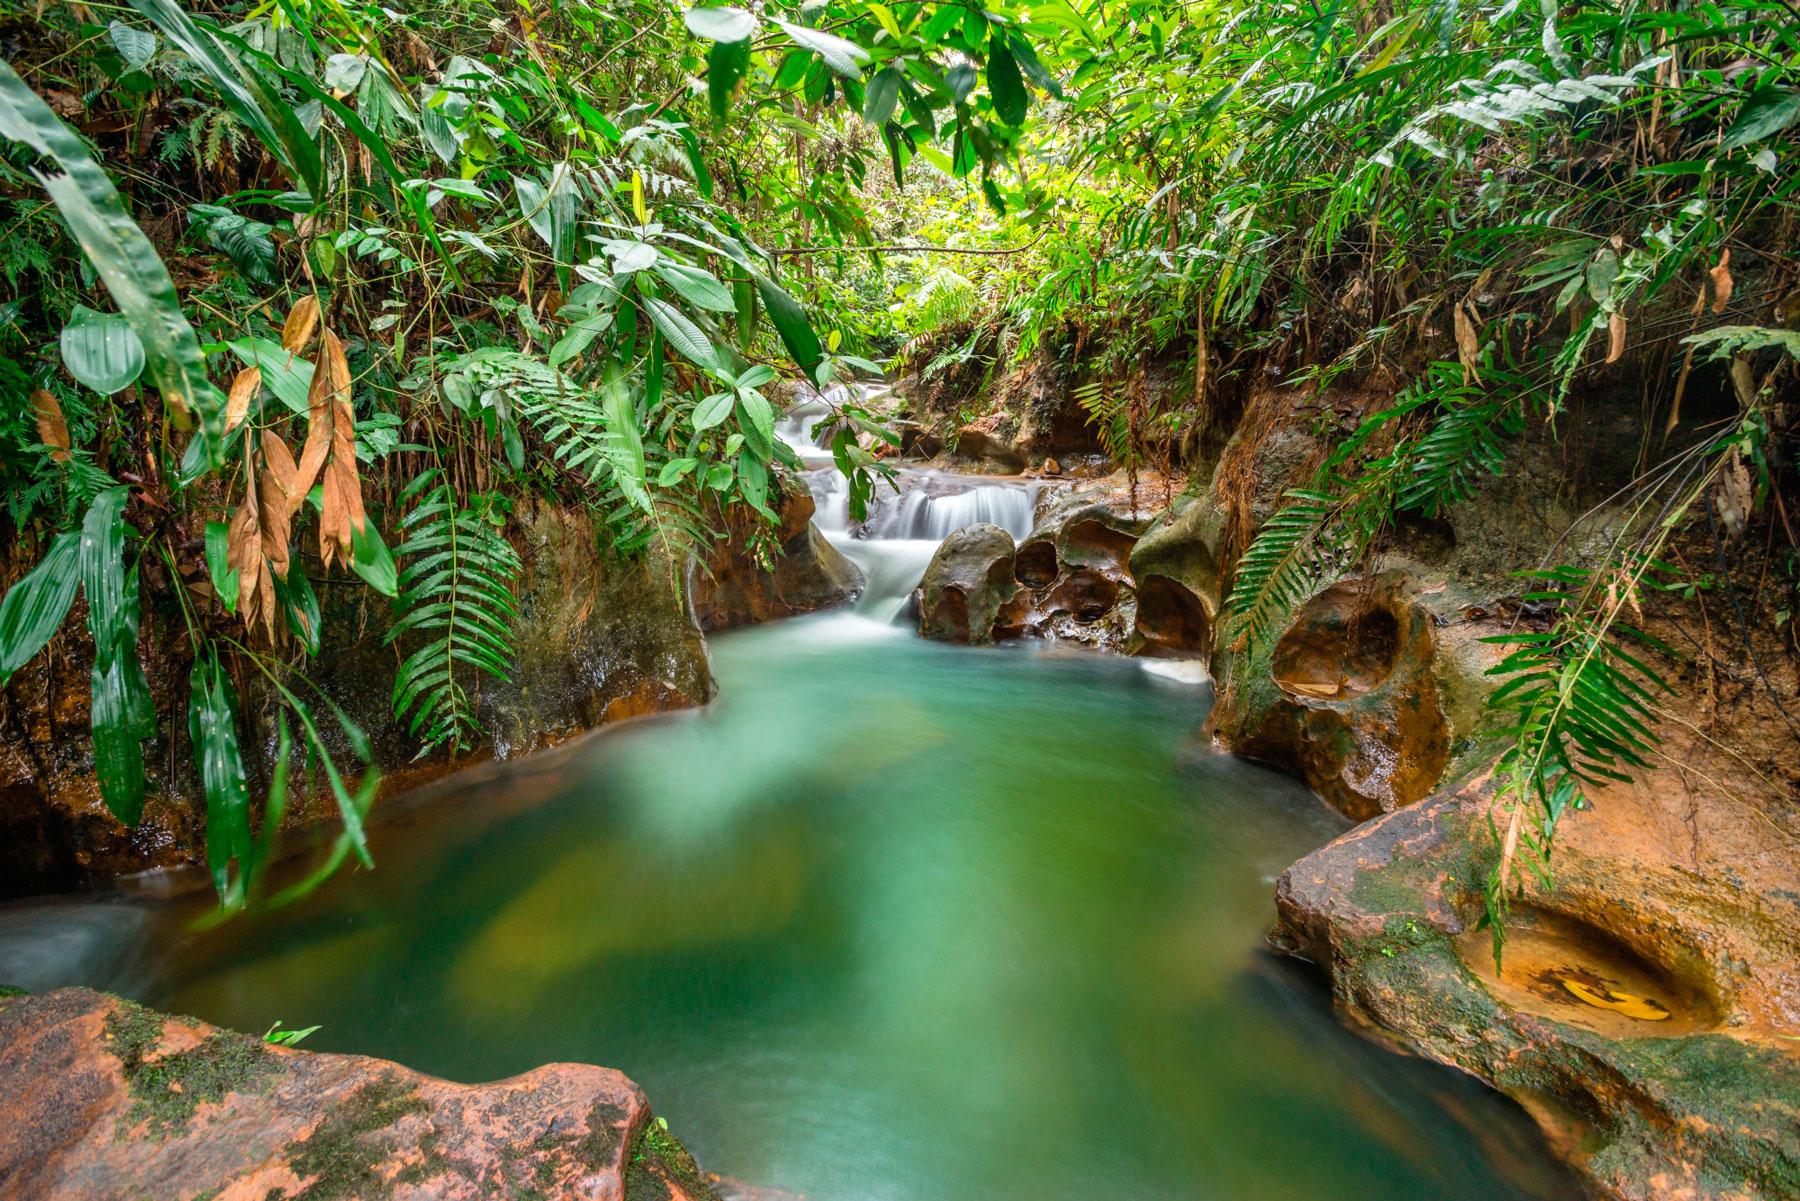 Parque ecol gico el para so de pedro portal de turismo - El paraiso del mueble ...